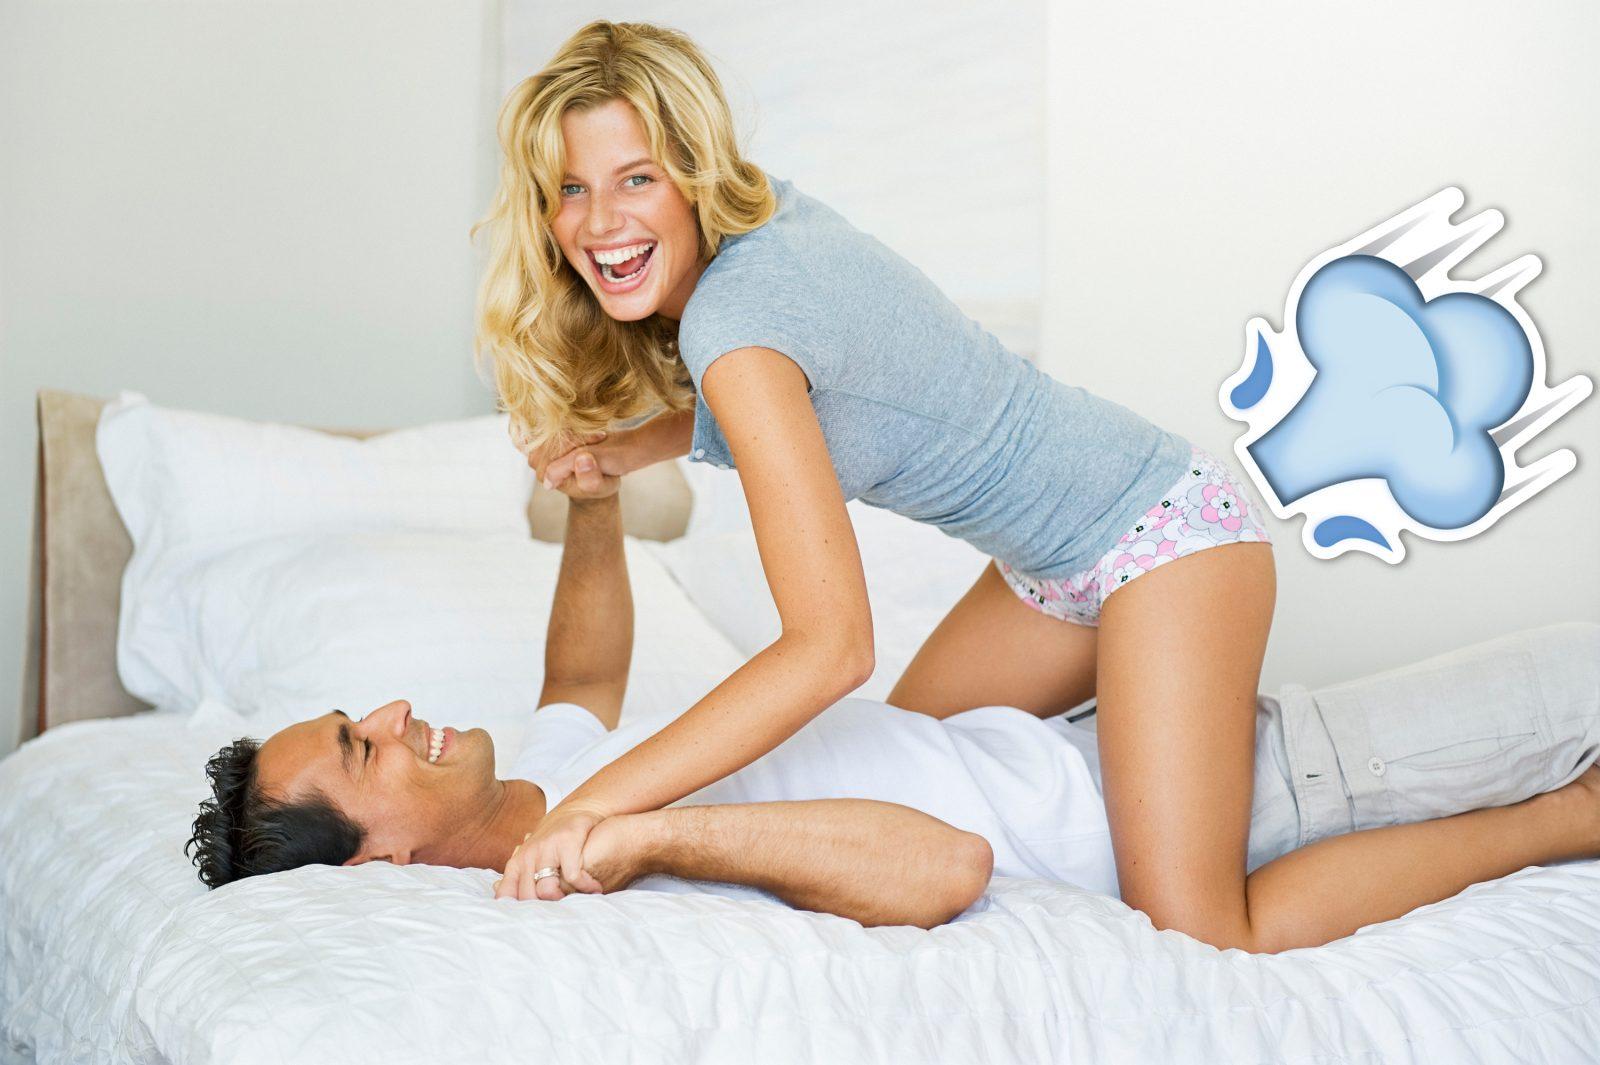 Приятные позы секса для женщины, Позы для секса: 60 лучших поз для занятия сексом 16 фотография